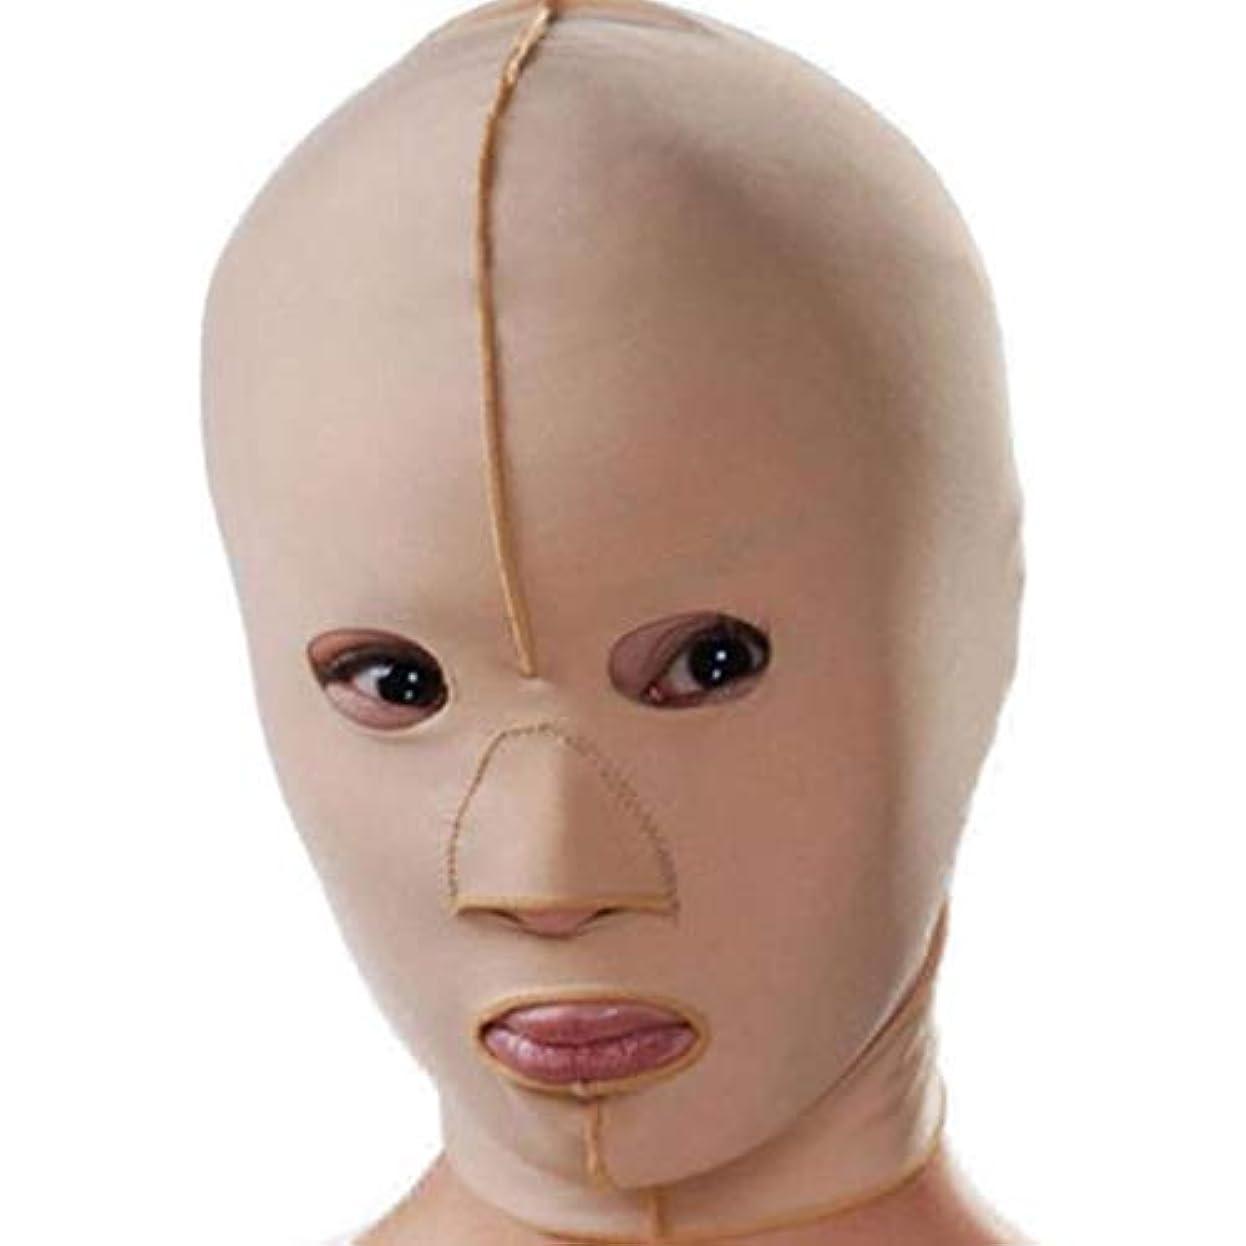 アンテナますますびっくり痩身包帯、マスク薄いフェイスマスクリフティングダブルあご引き締め顔面プラスチックフェイスアーティファクト強力なフェイス包帯